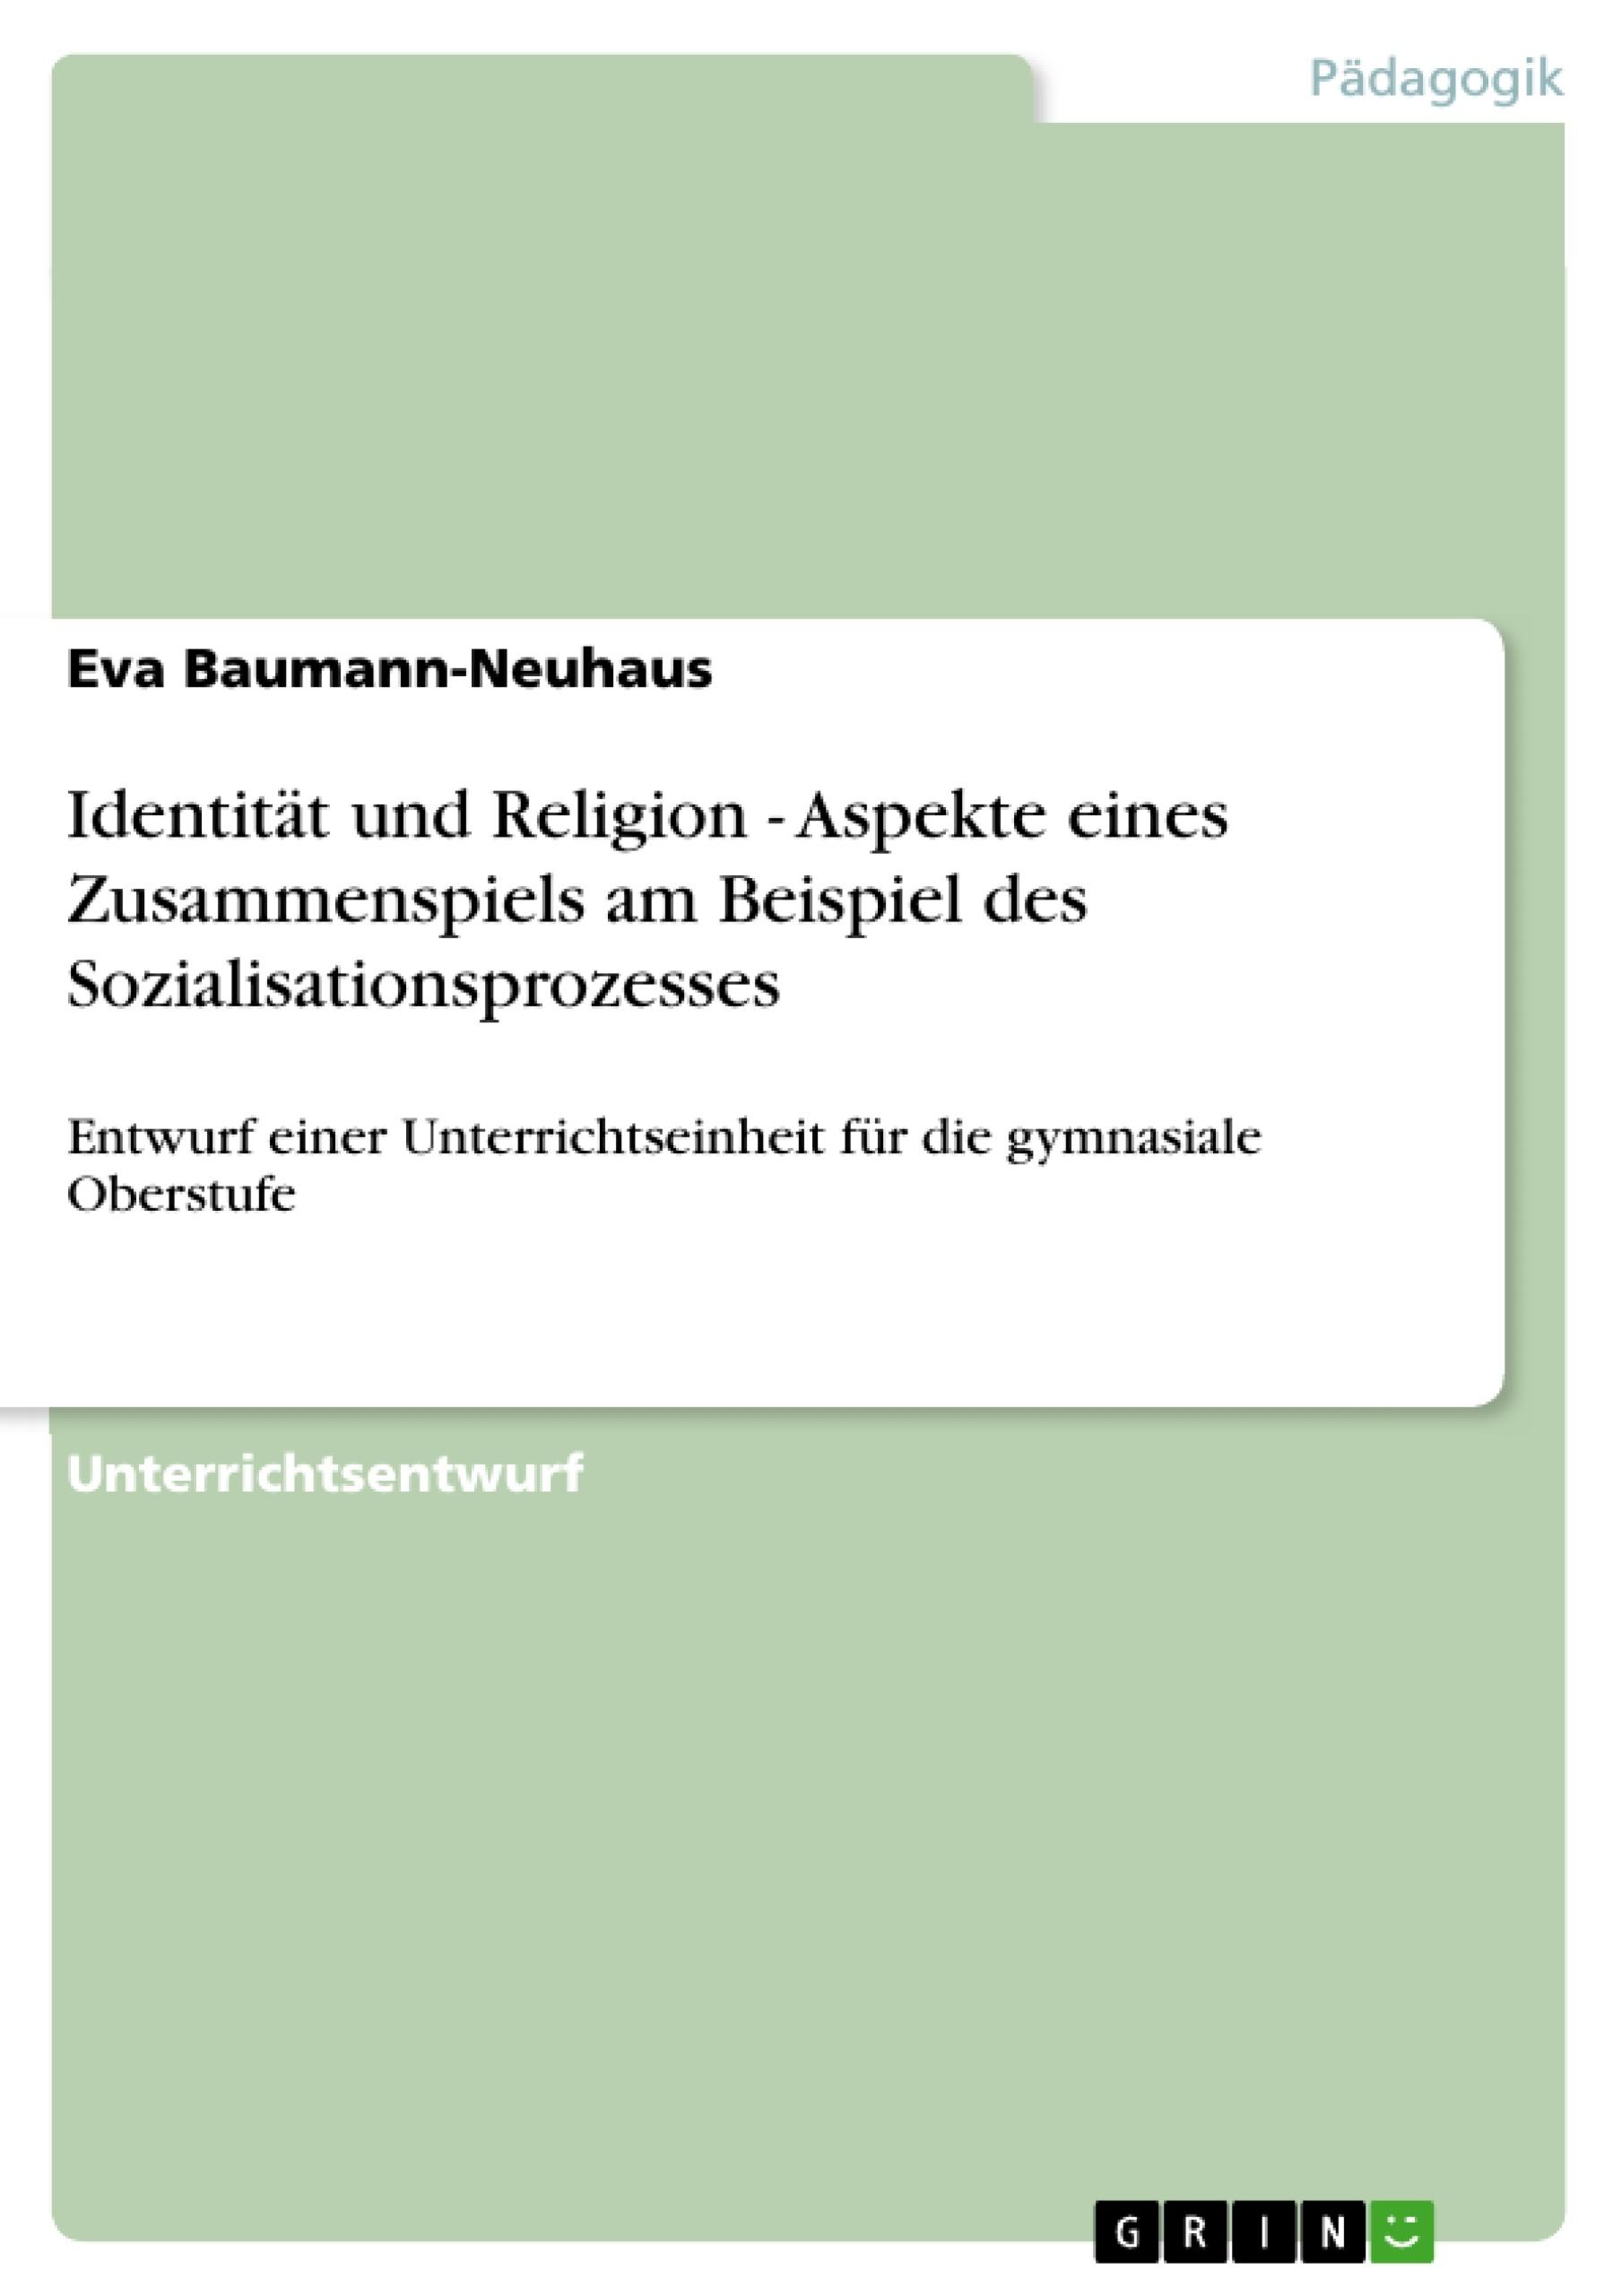 Titel: Identität und Religion - Aspekte eines Zusammenspiels am Beispiel des Sozialisationsprozesses